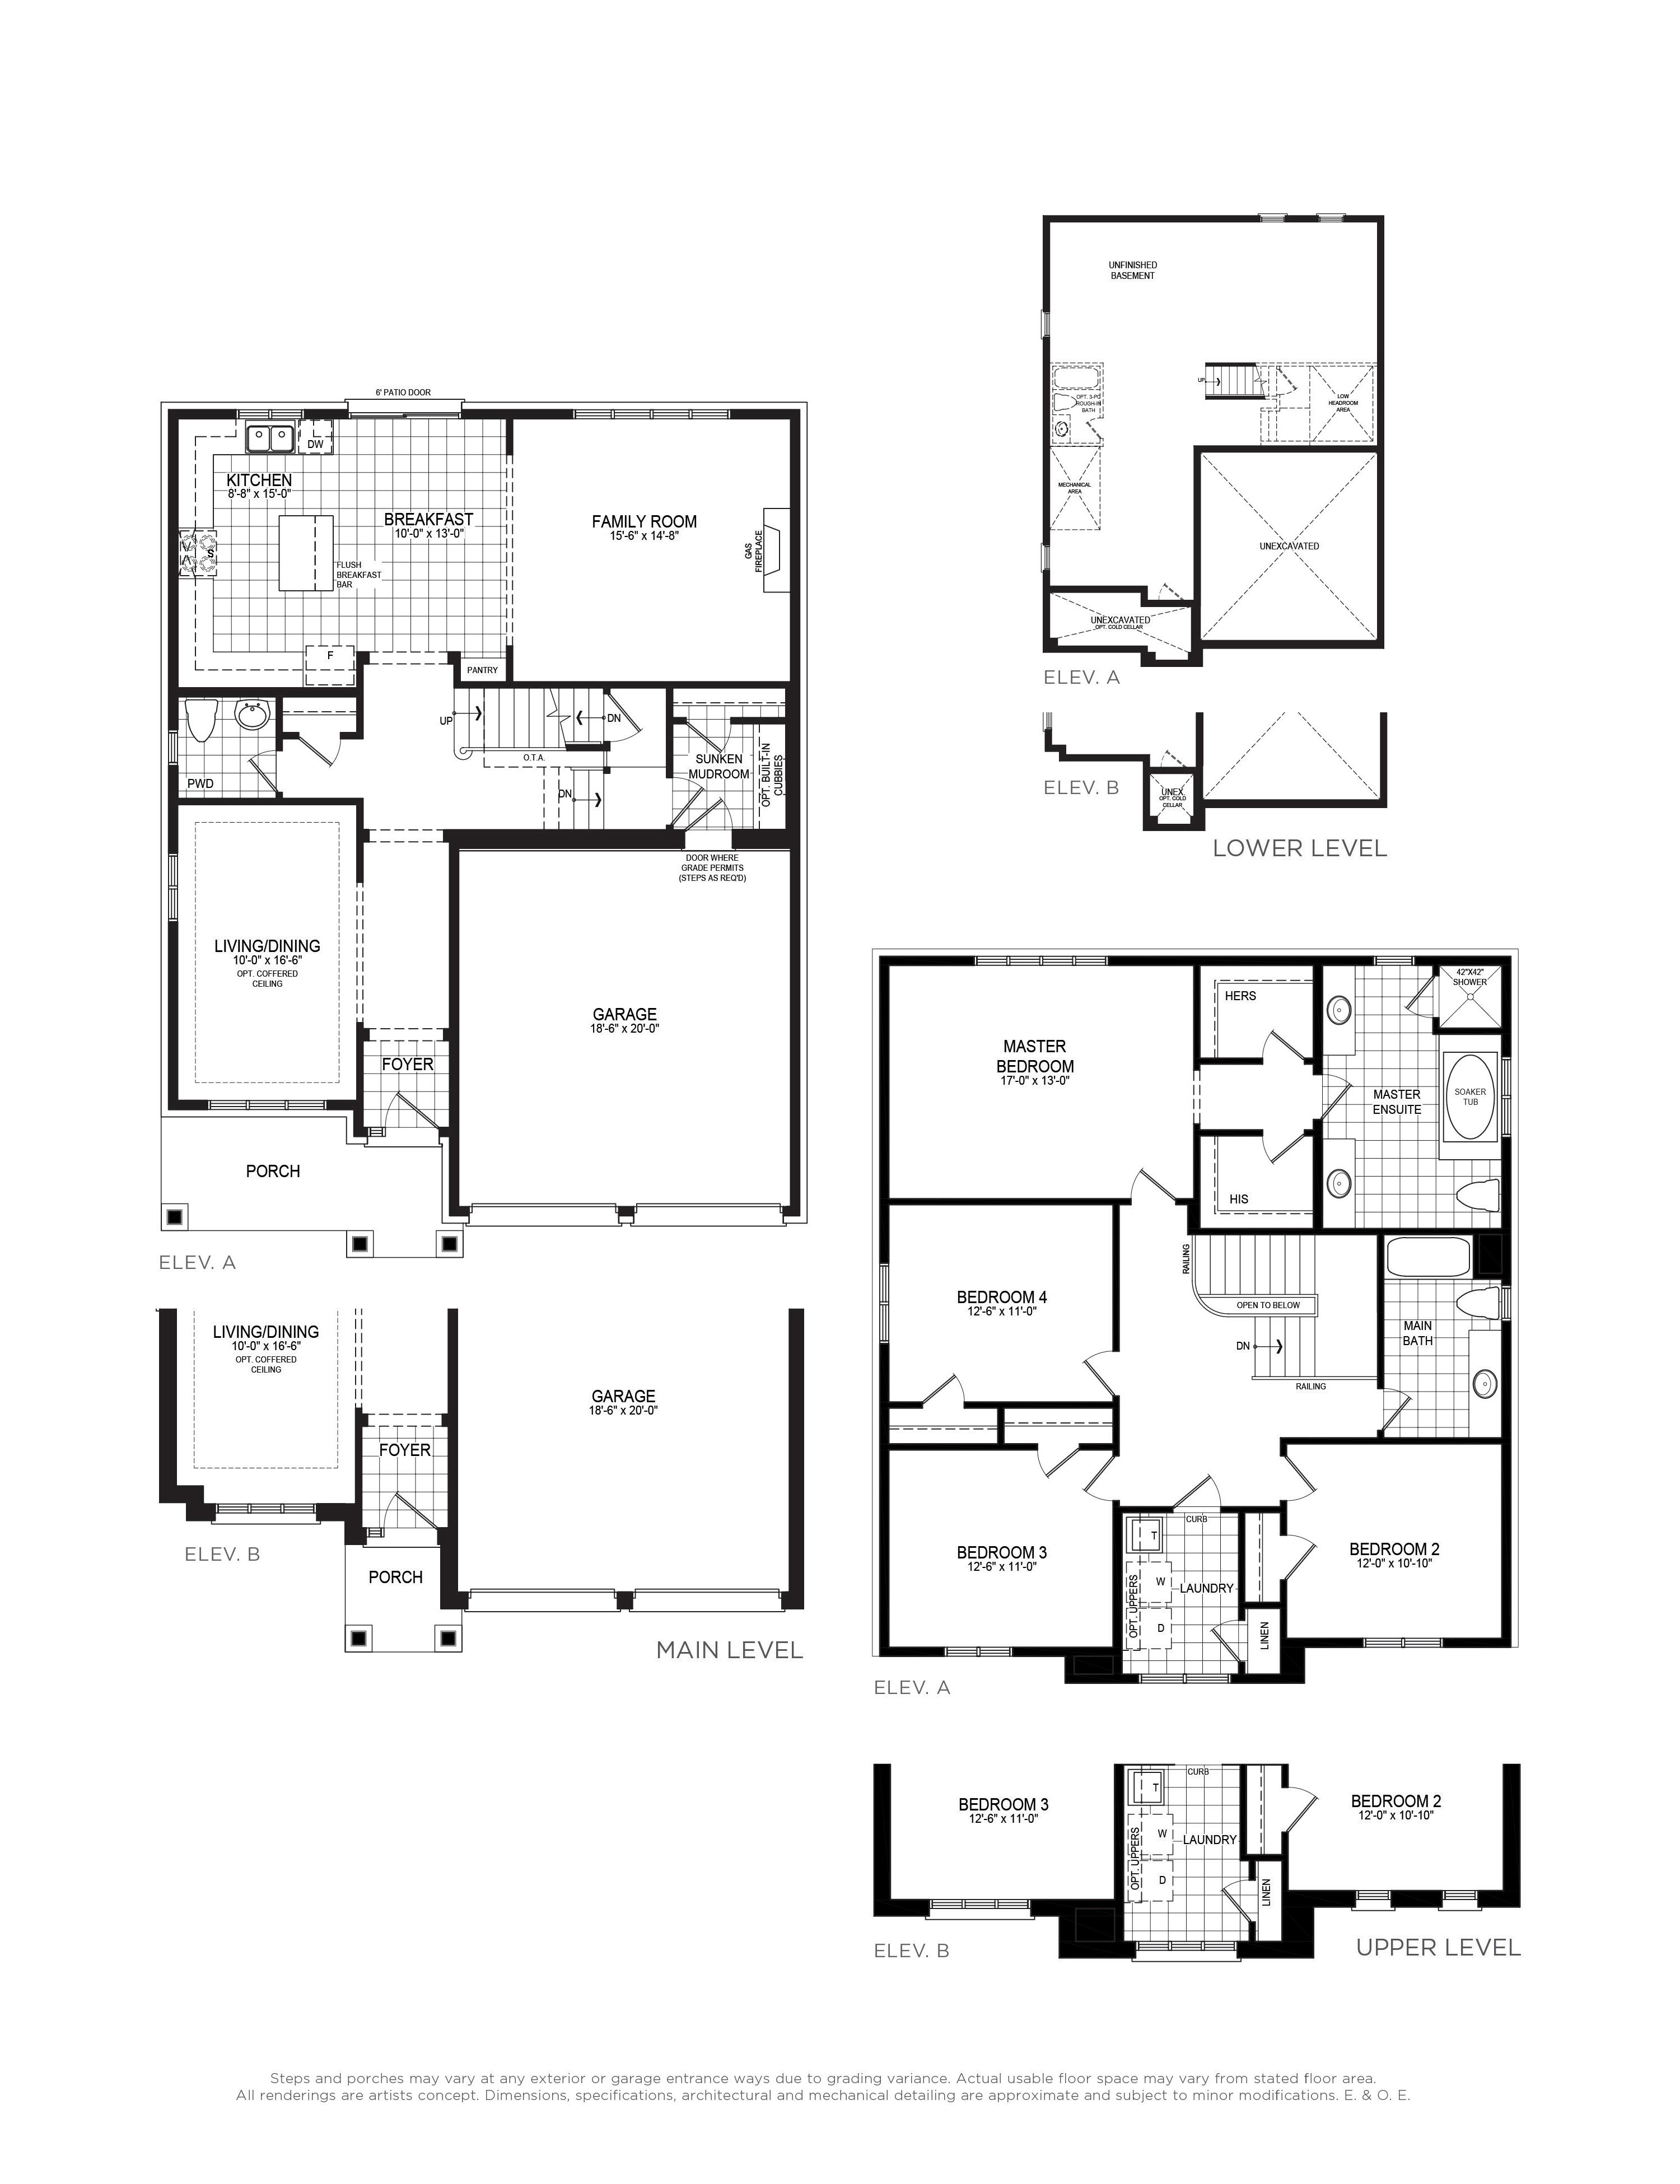 Chelston 1 Floorplan